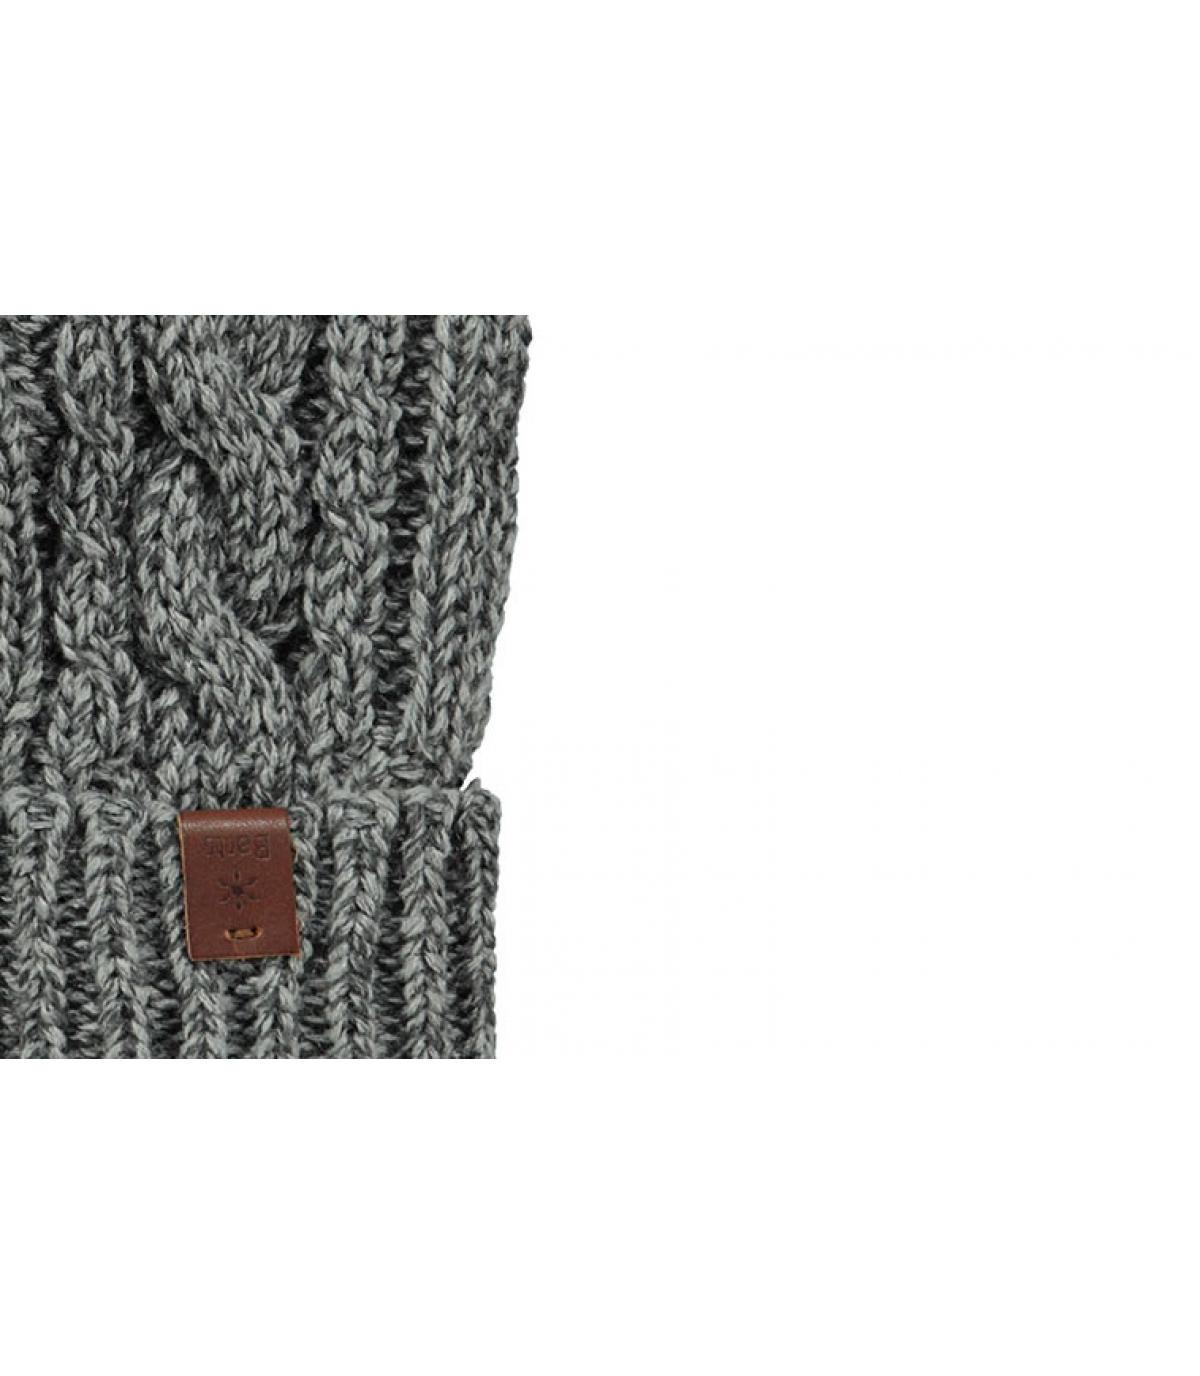 Details Twister Gloves heather grey - Abbildung 3